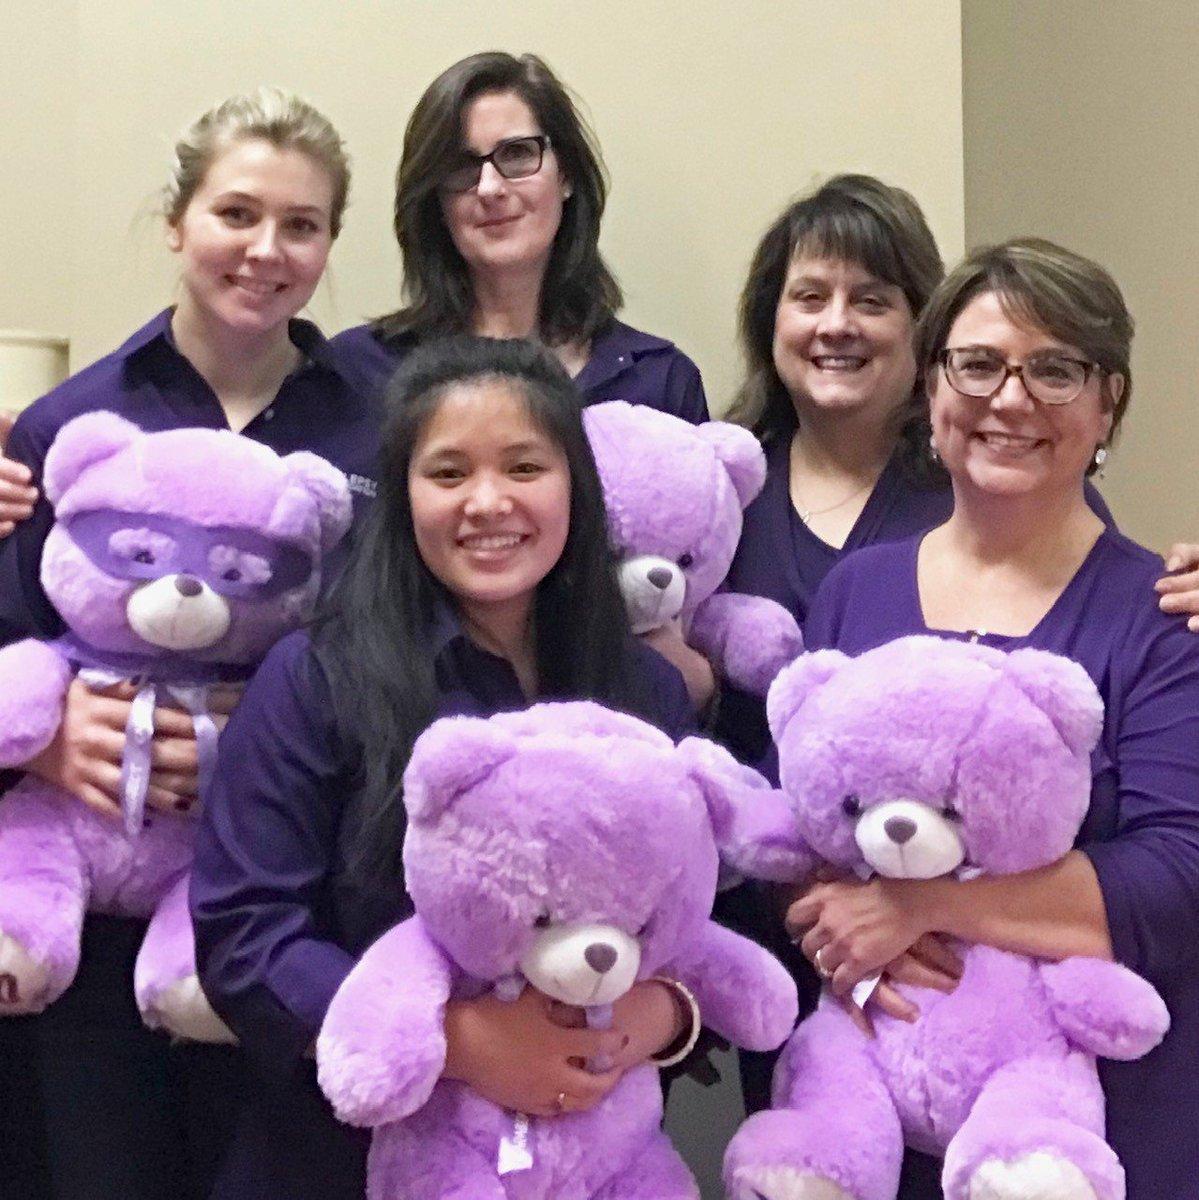 Epilepsy Foundation Ohio's photo on #EpilepsyDay